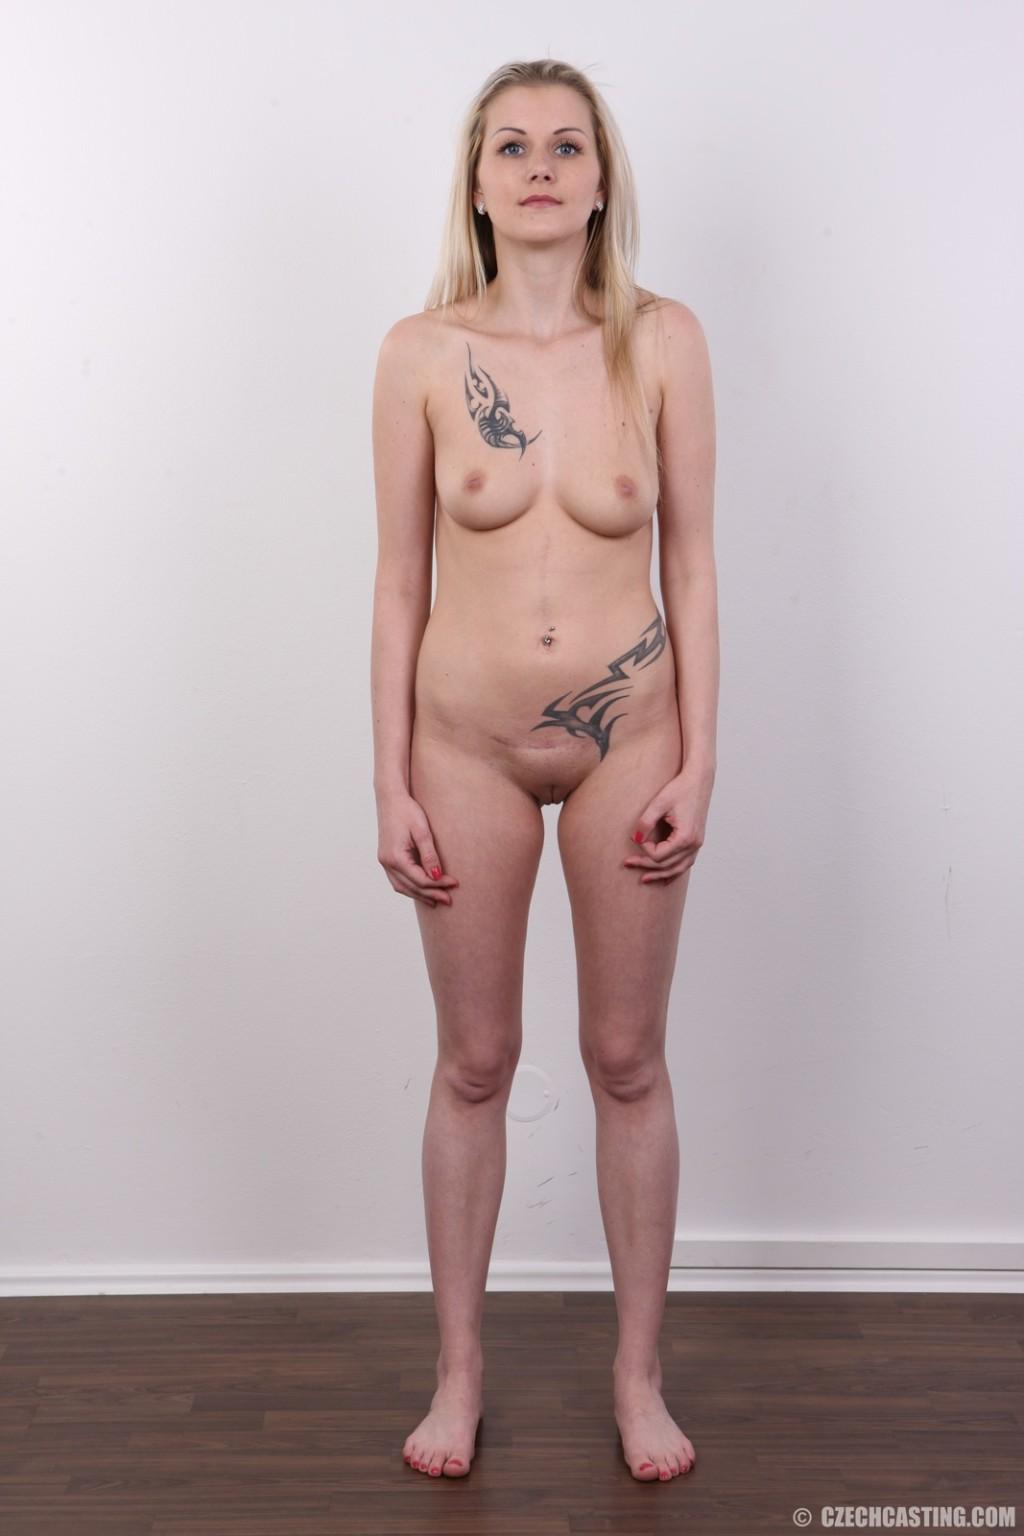 Послушная блонда в татушках вертится перед камерой, как этого от нее требуют